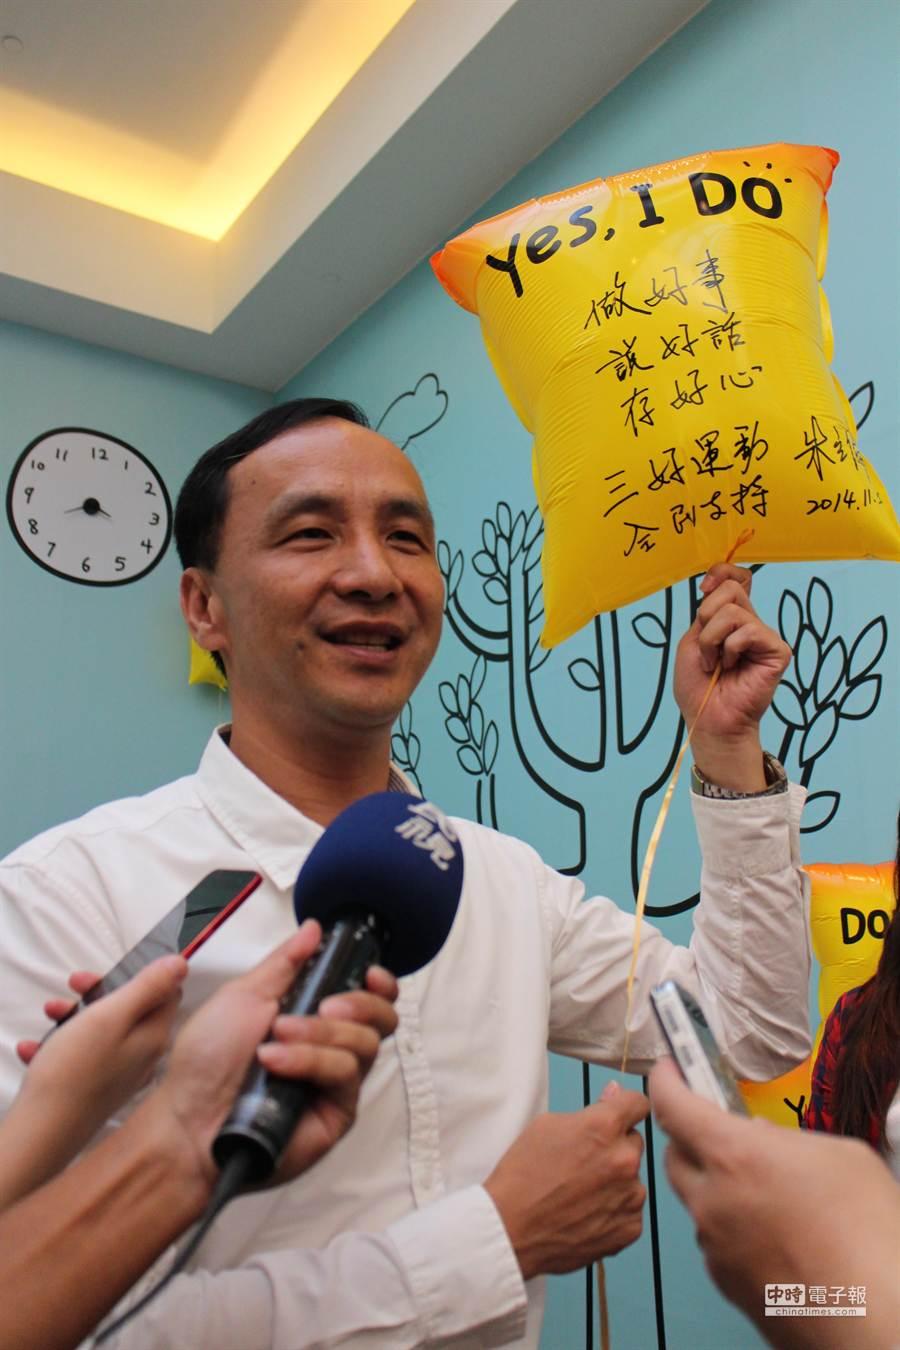 朱立倫在競選總部的「DOER workshop」寫下心願,推「做好事、說好話、存好心」的三好運動。(池雅蓉攝)